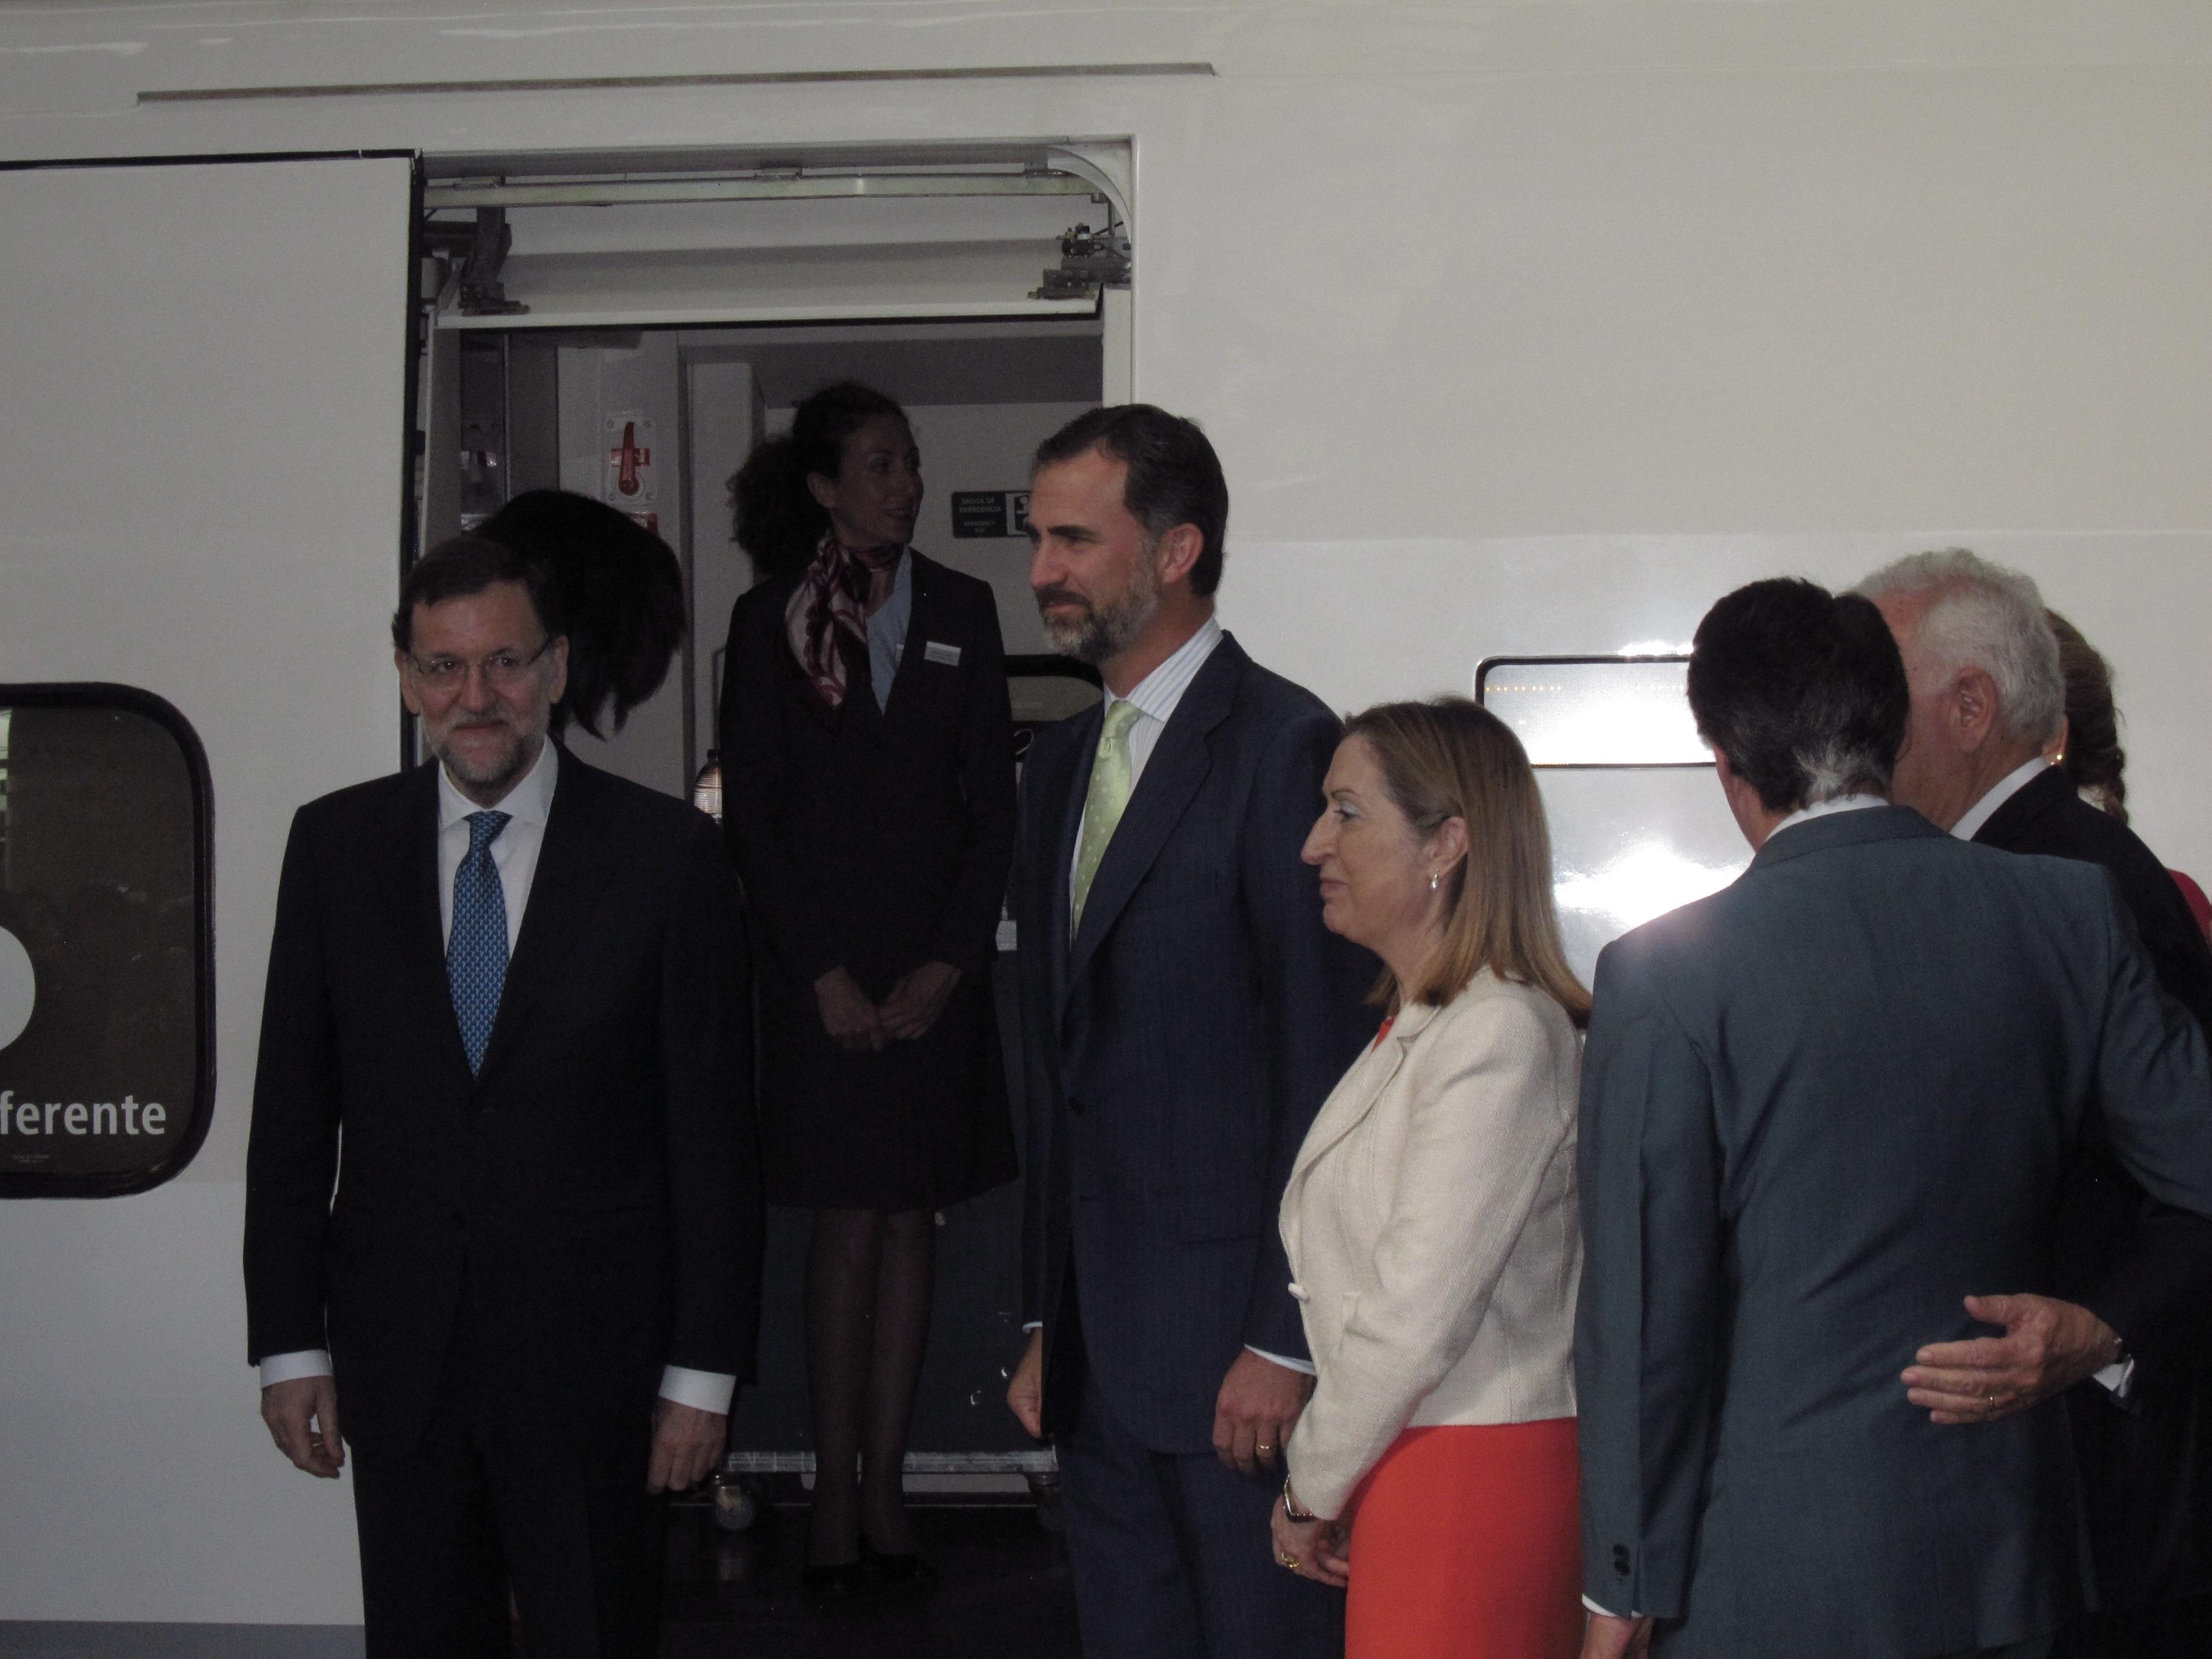 El primer AVE a Alicante sale puntual de Atocha con el Príncipe y Rajoy, que inauguran la línea